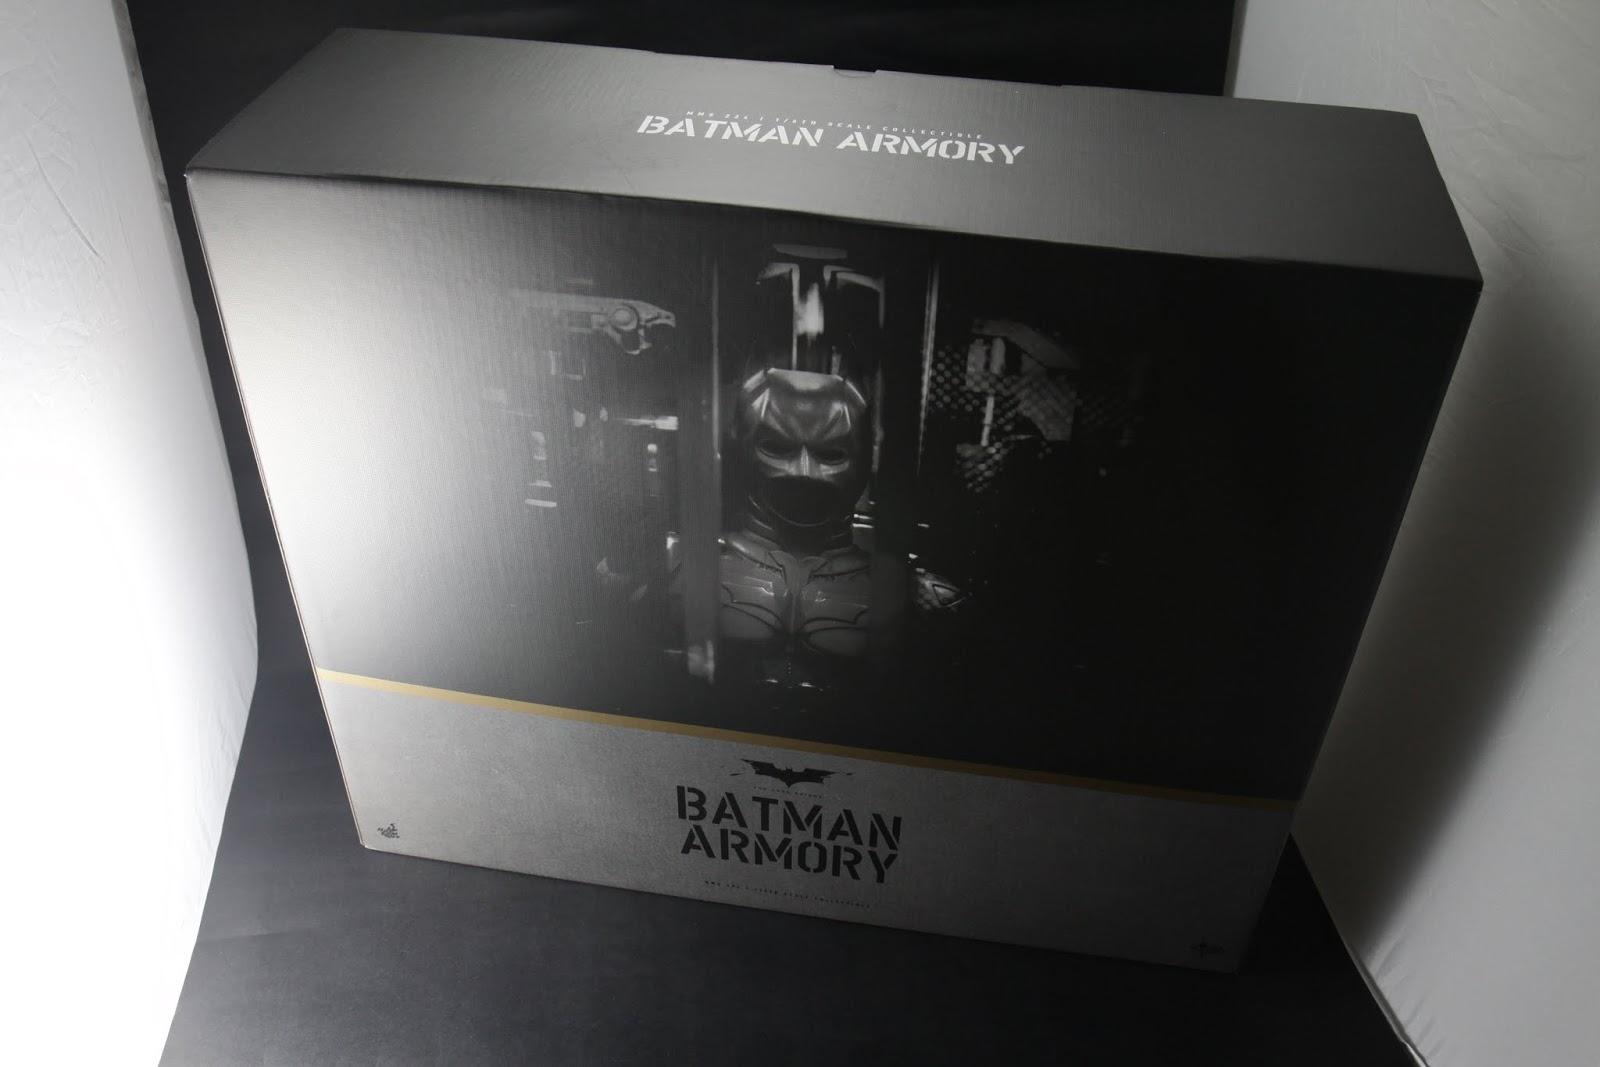 箱子為我目前買過的玩具裡最大級, 攝影棚已不敷使用